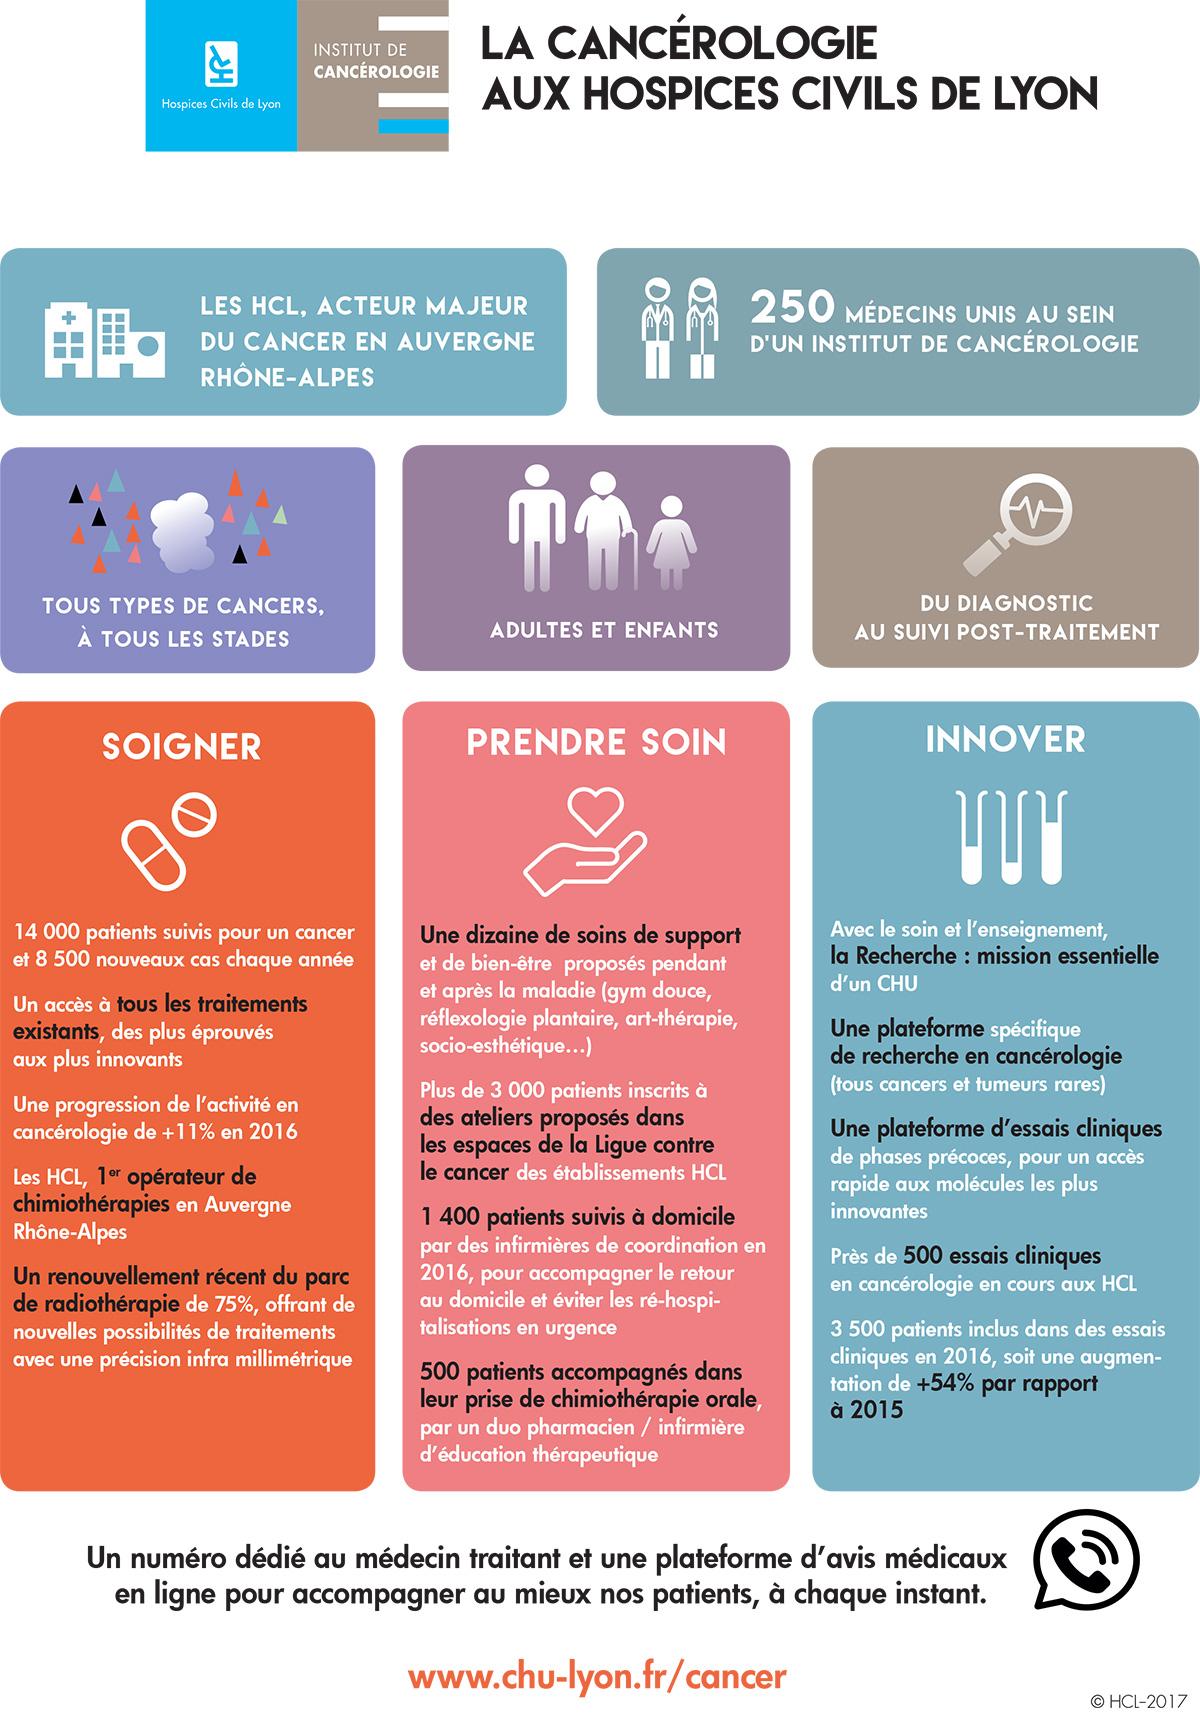 La cancérologie aux Hospices Civils de Lyon